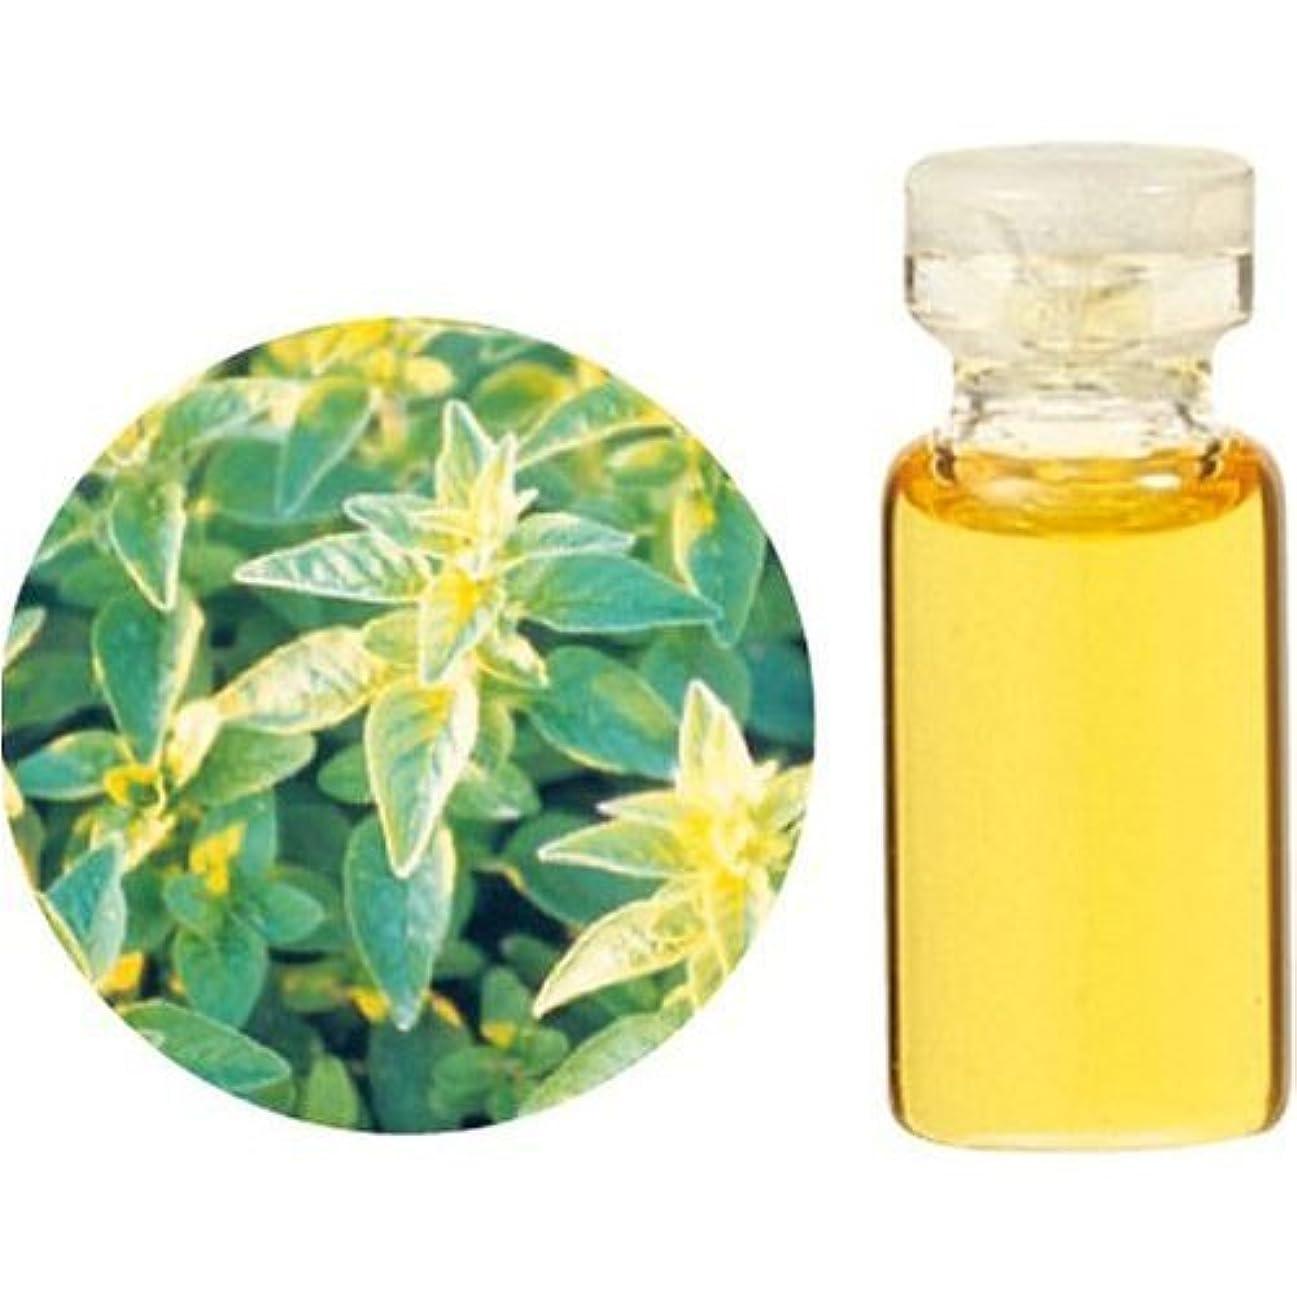 その間非常に打撃生活の木 Herbal Life レアバリューオイル メリッサ 1ml